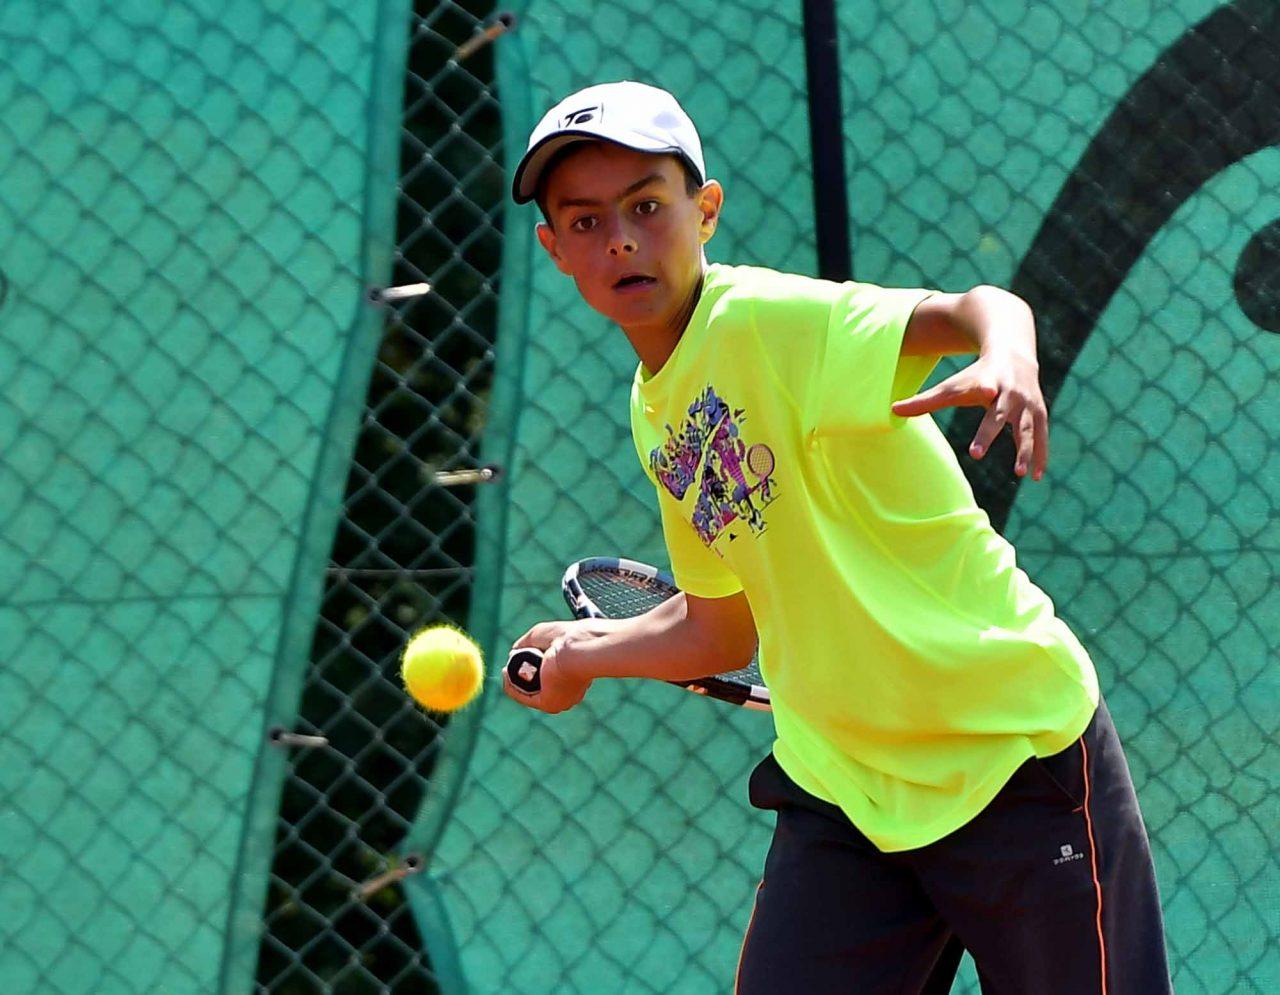 Държавно първенство тенис до 14 год. ТК 15-40 финал двойки (4)